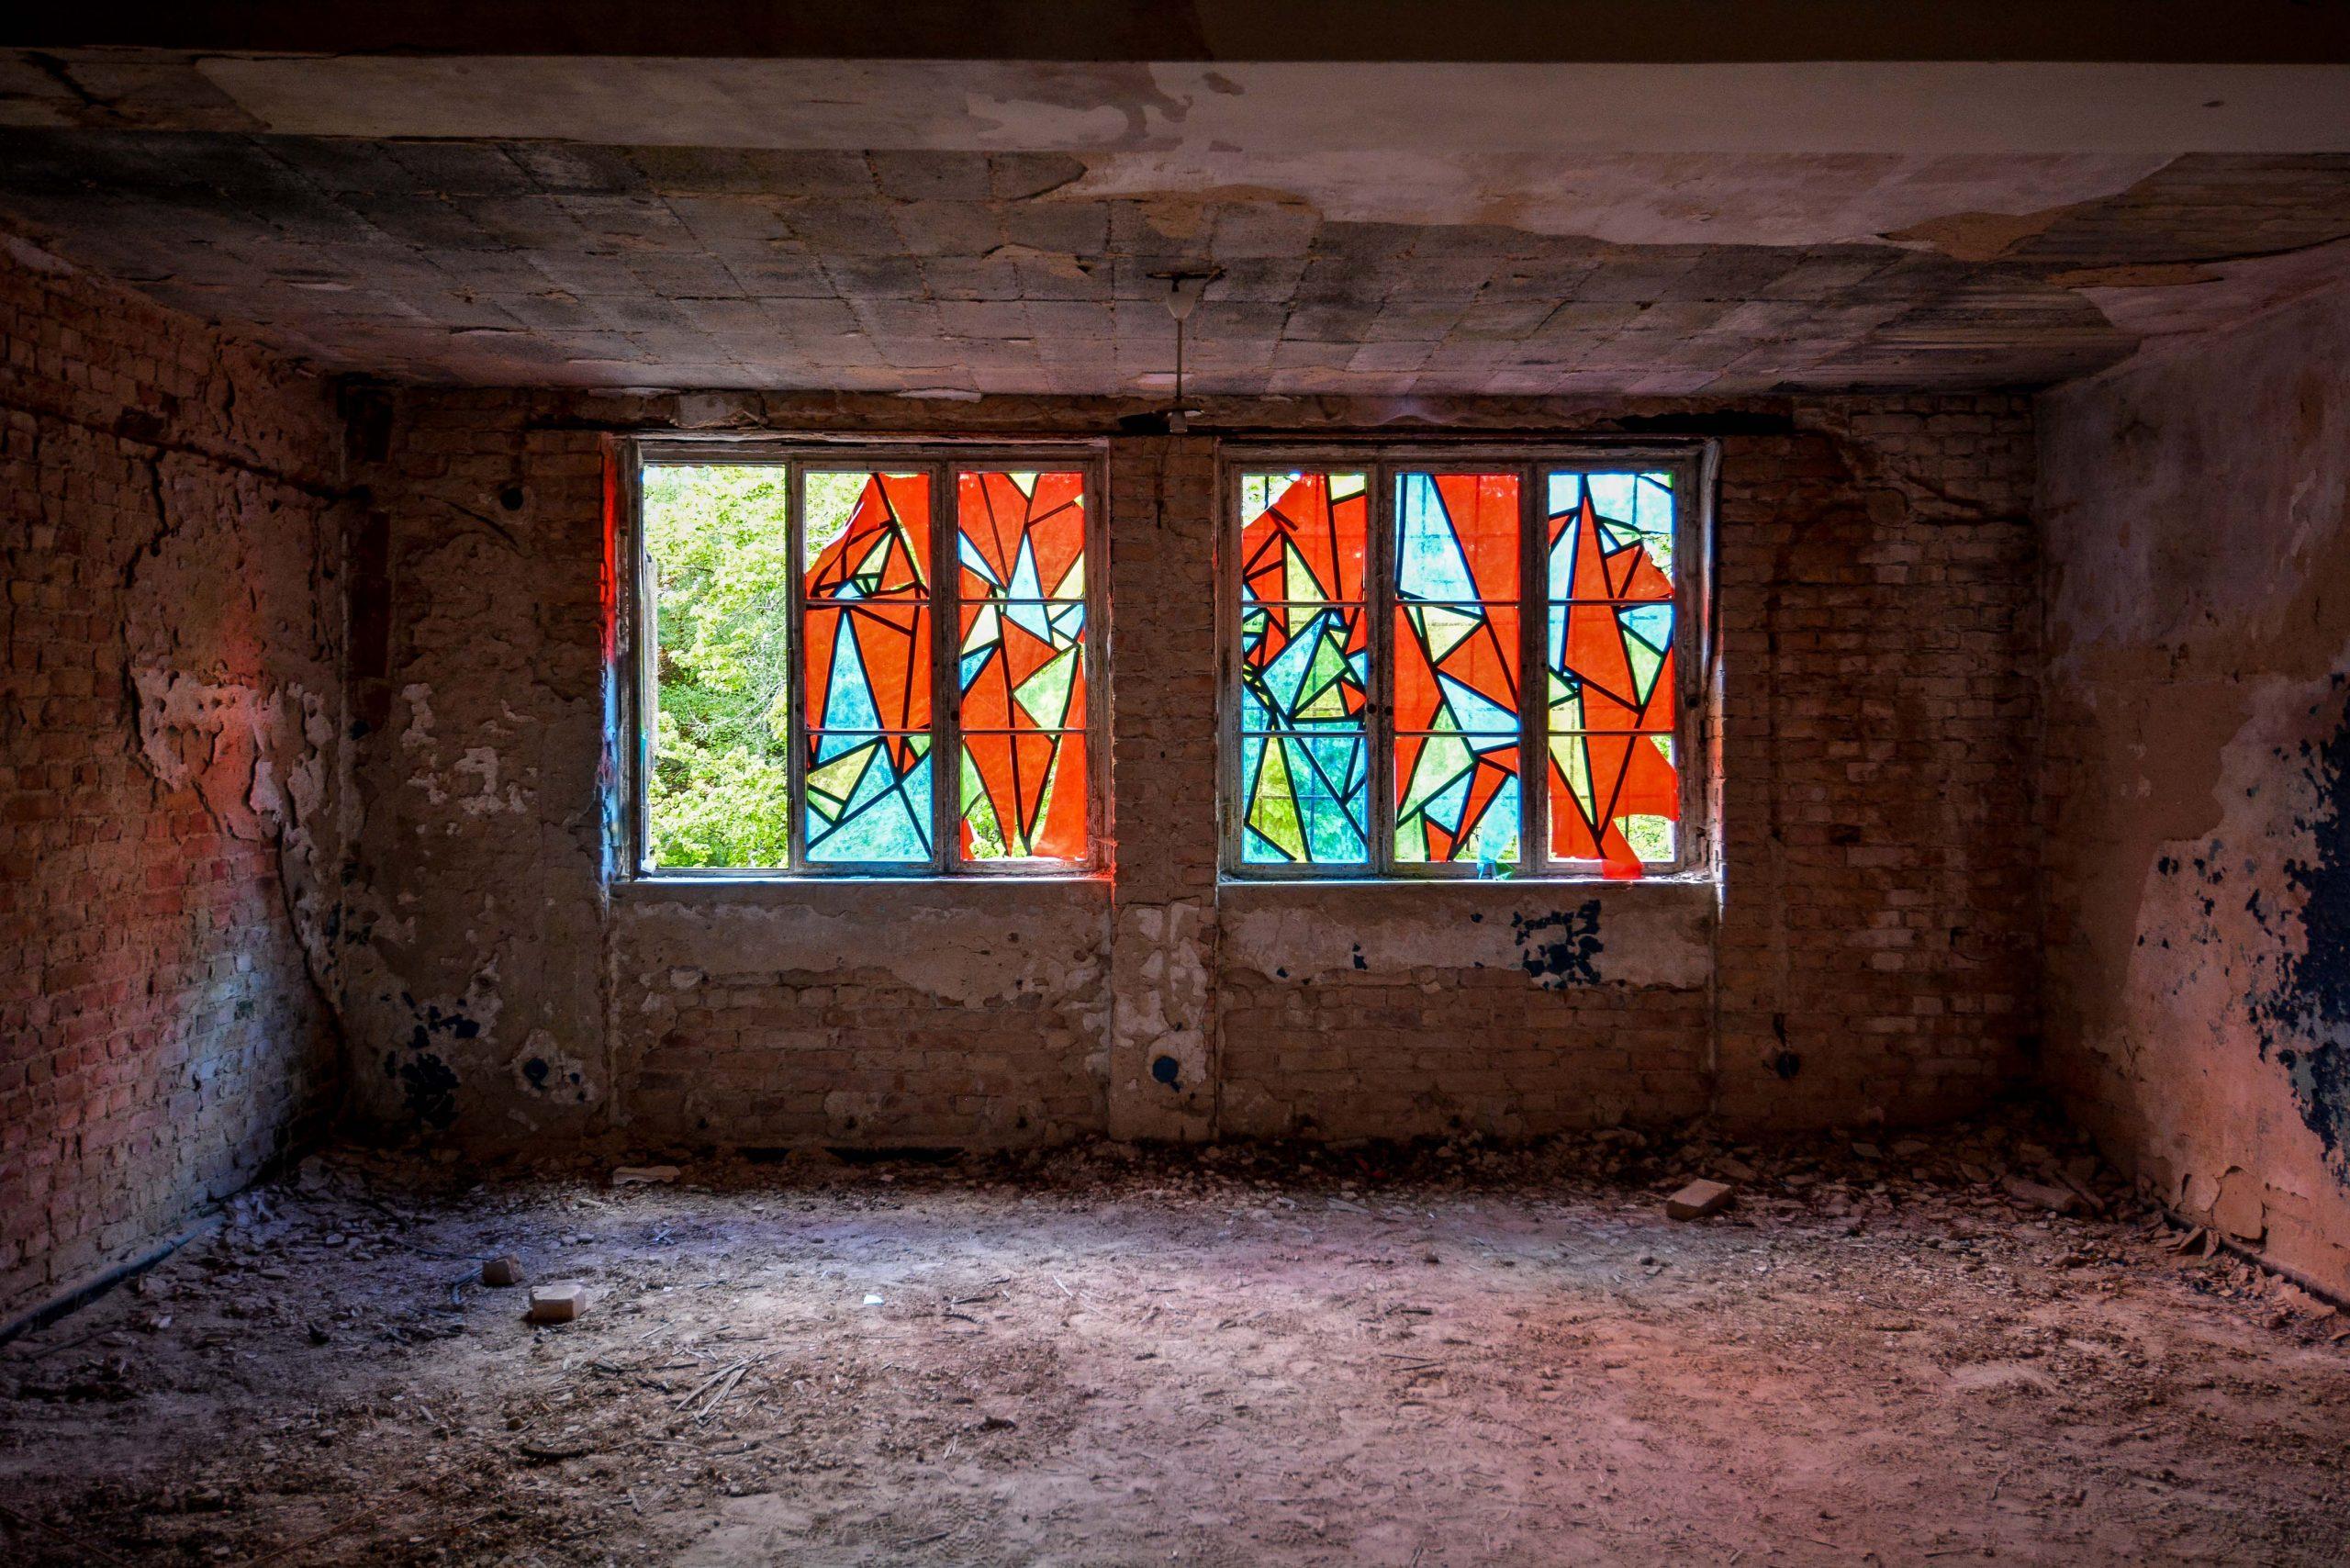 colored windows tuberkulose heilstaette grabowsee sanatorium hospital oranienburg lost places abandoned urbex brandenburg germany deutschland